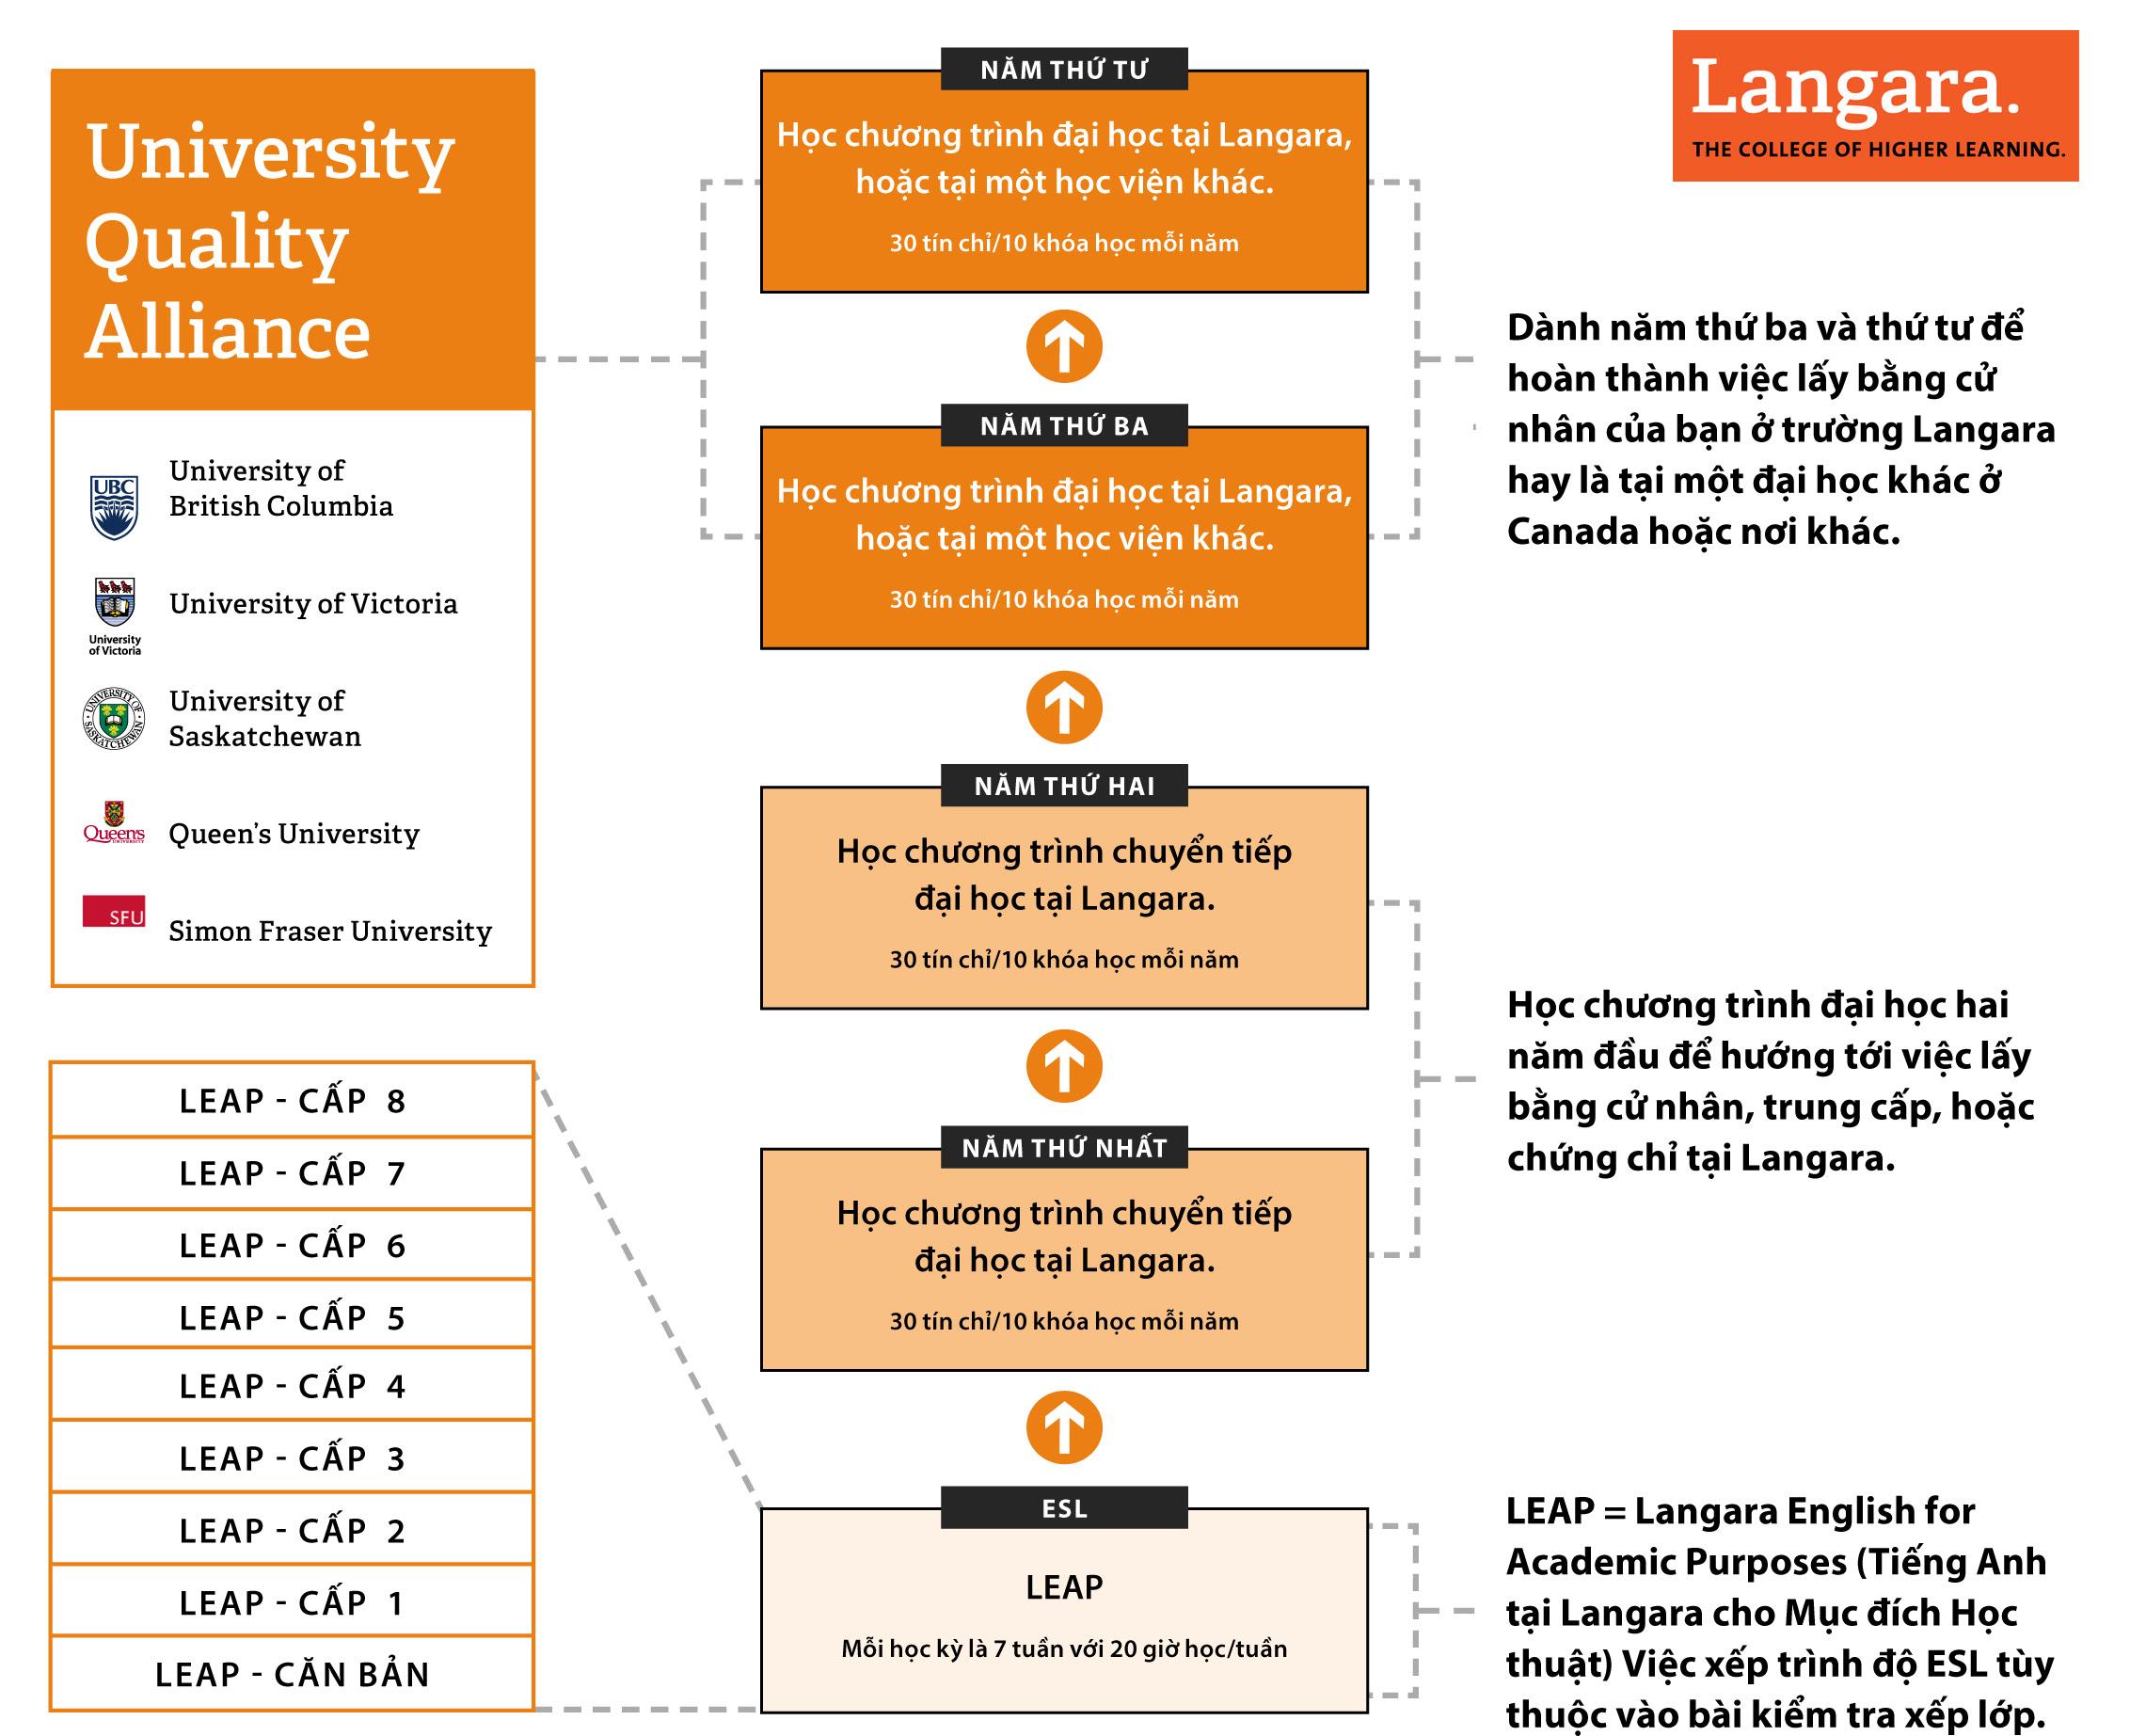 chương trình đào tạo Langara College